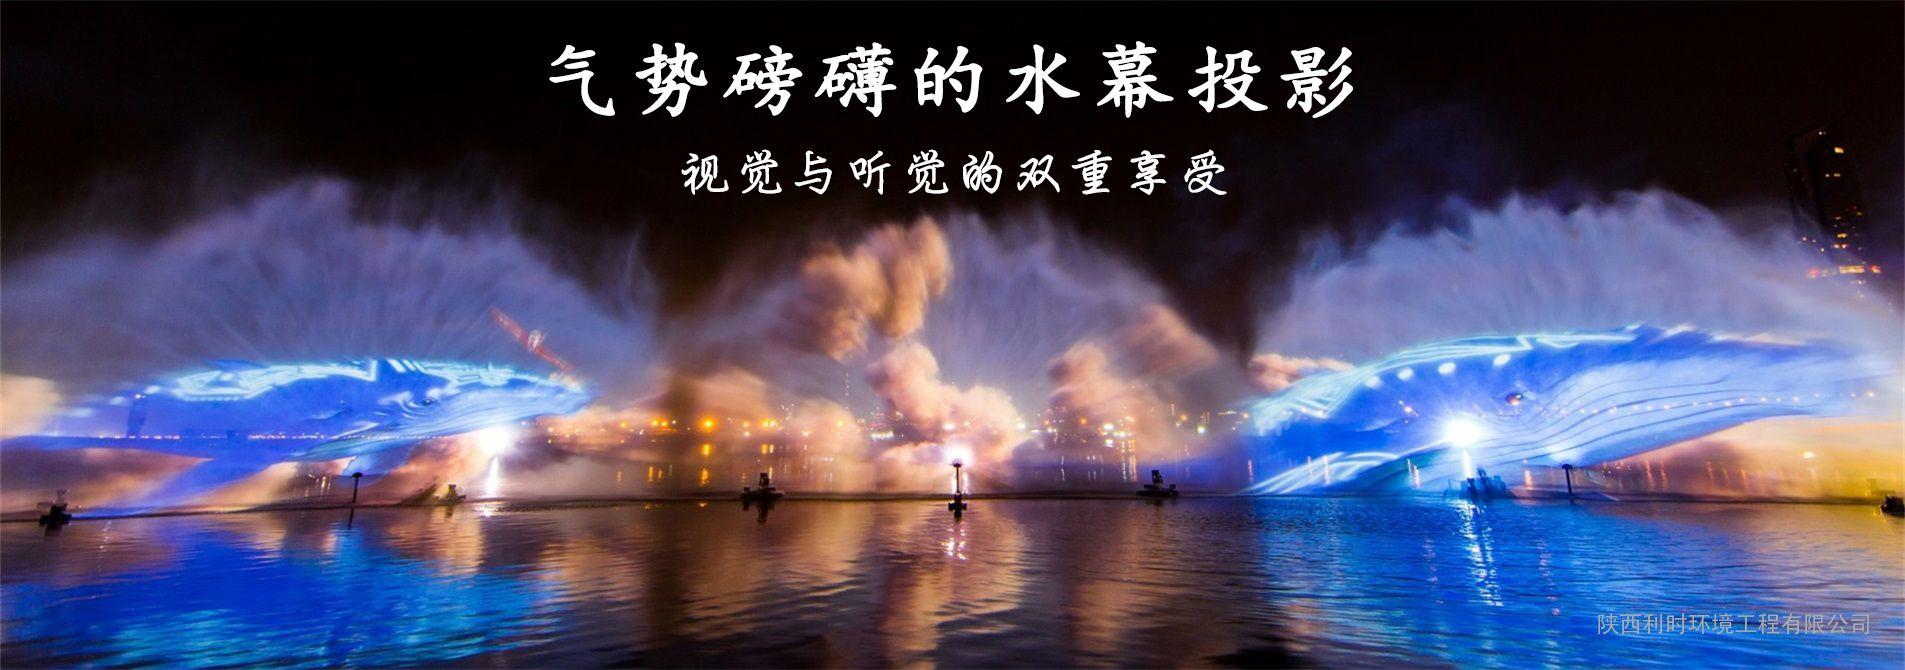 水幕电影 喷泉公司 激光水幕电影 水景设计